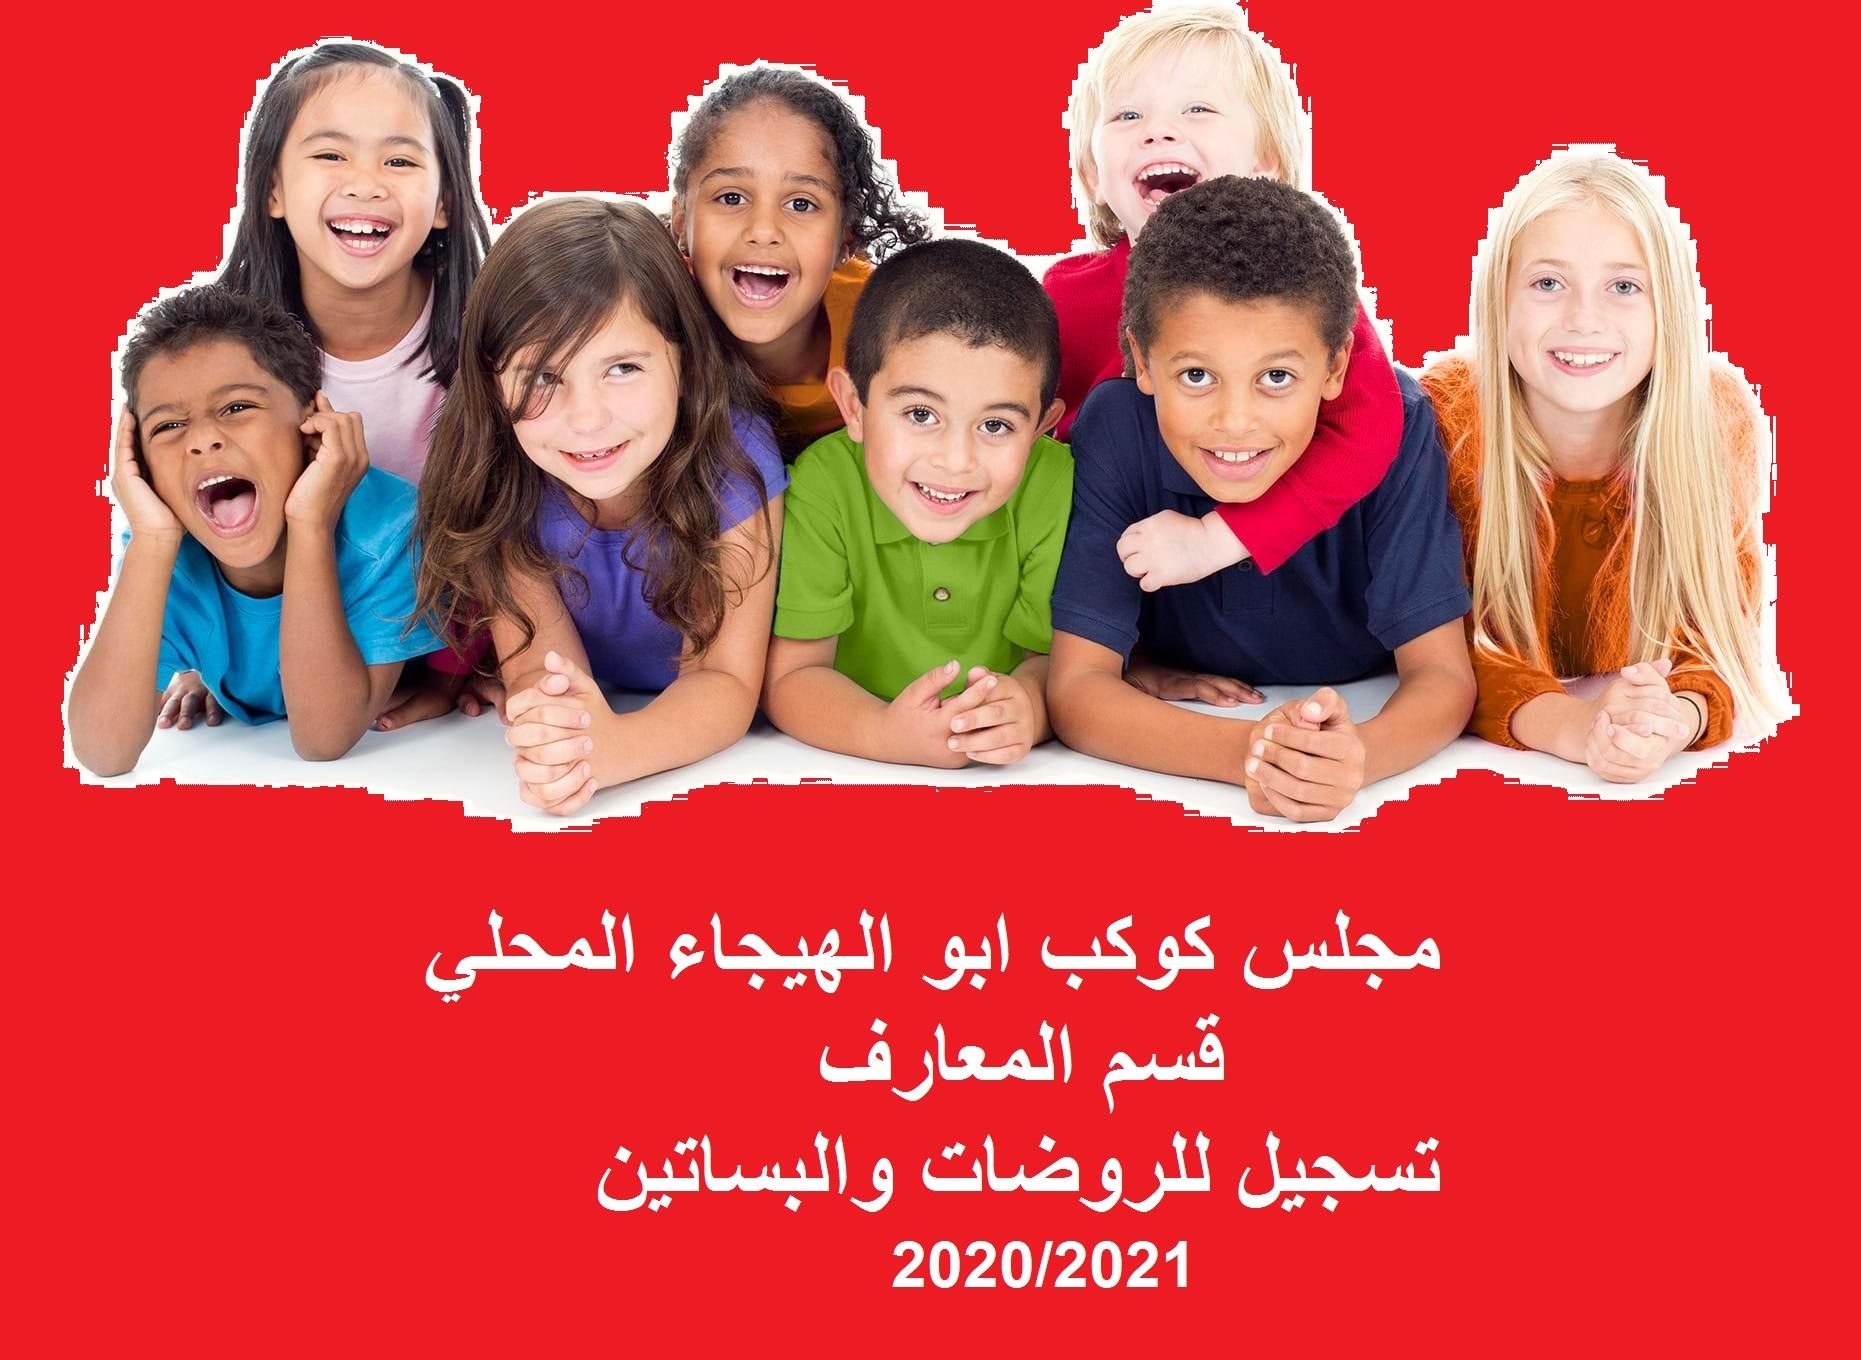 مجلس كوكب ابو الهيجاء المحلي - قسم المعارف:تسجيل الابناء للروضات والبساتين 2020-2021